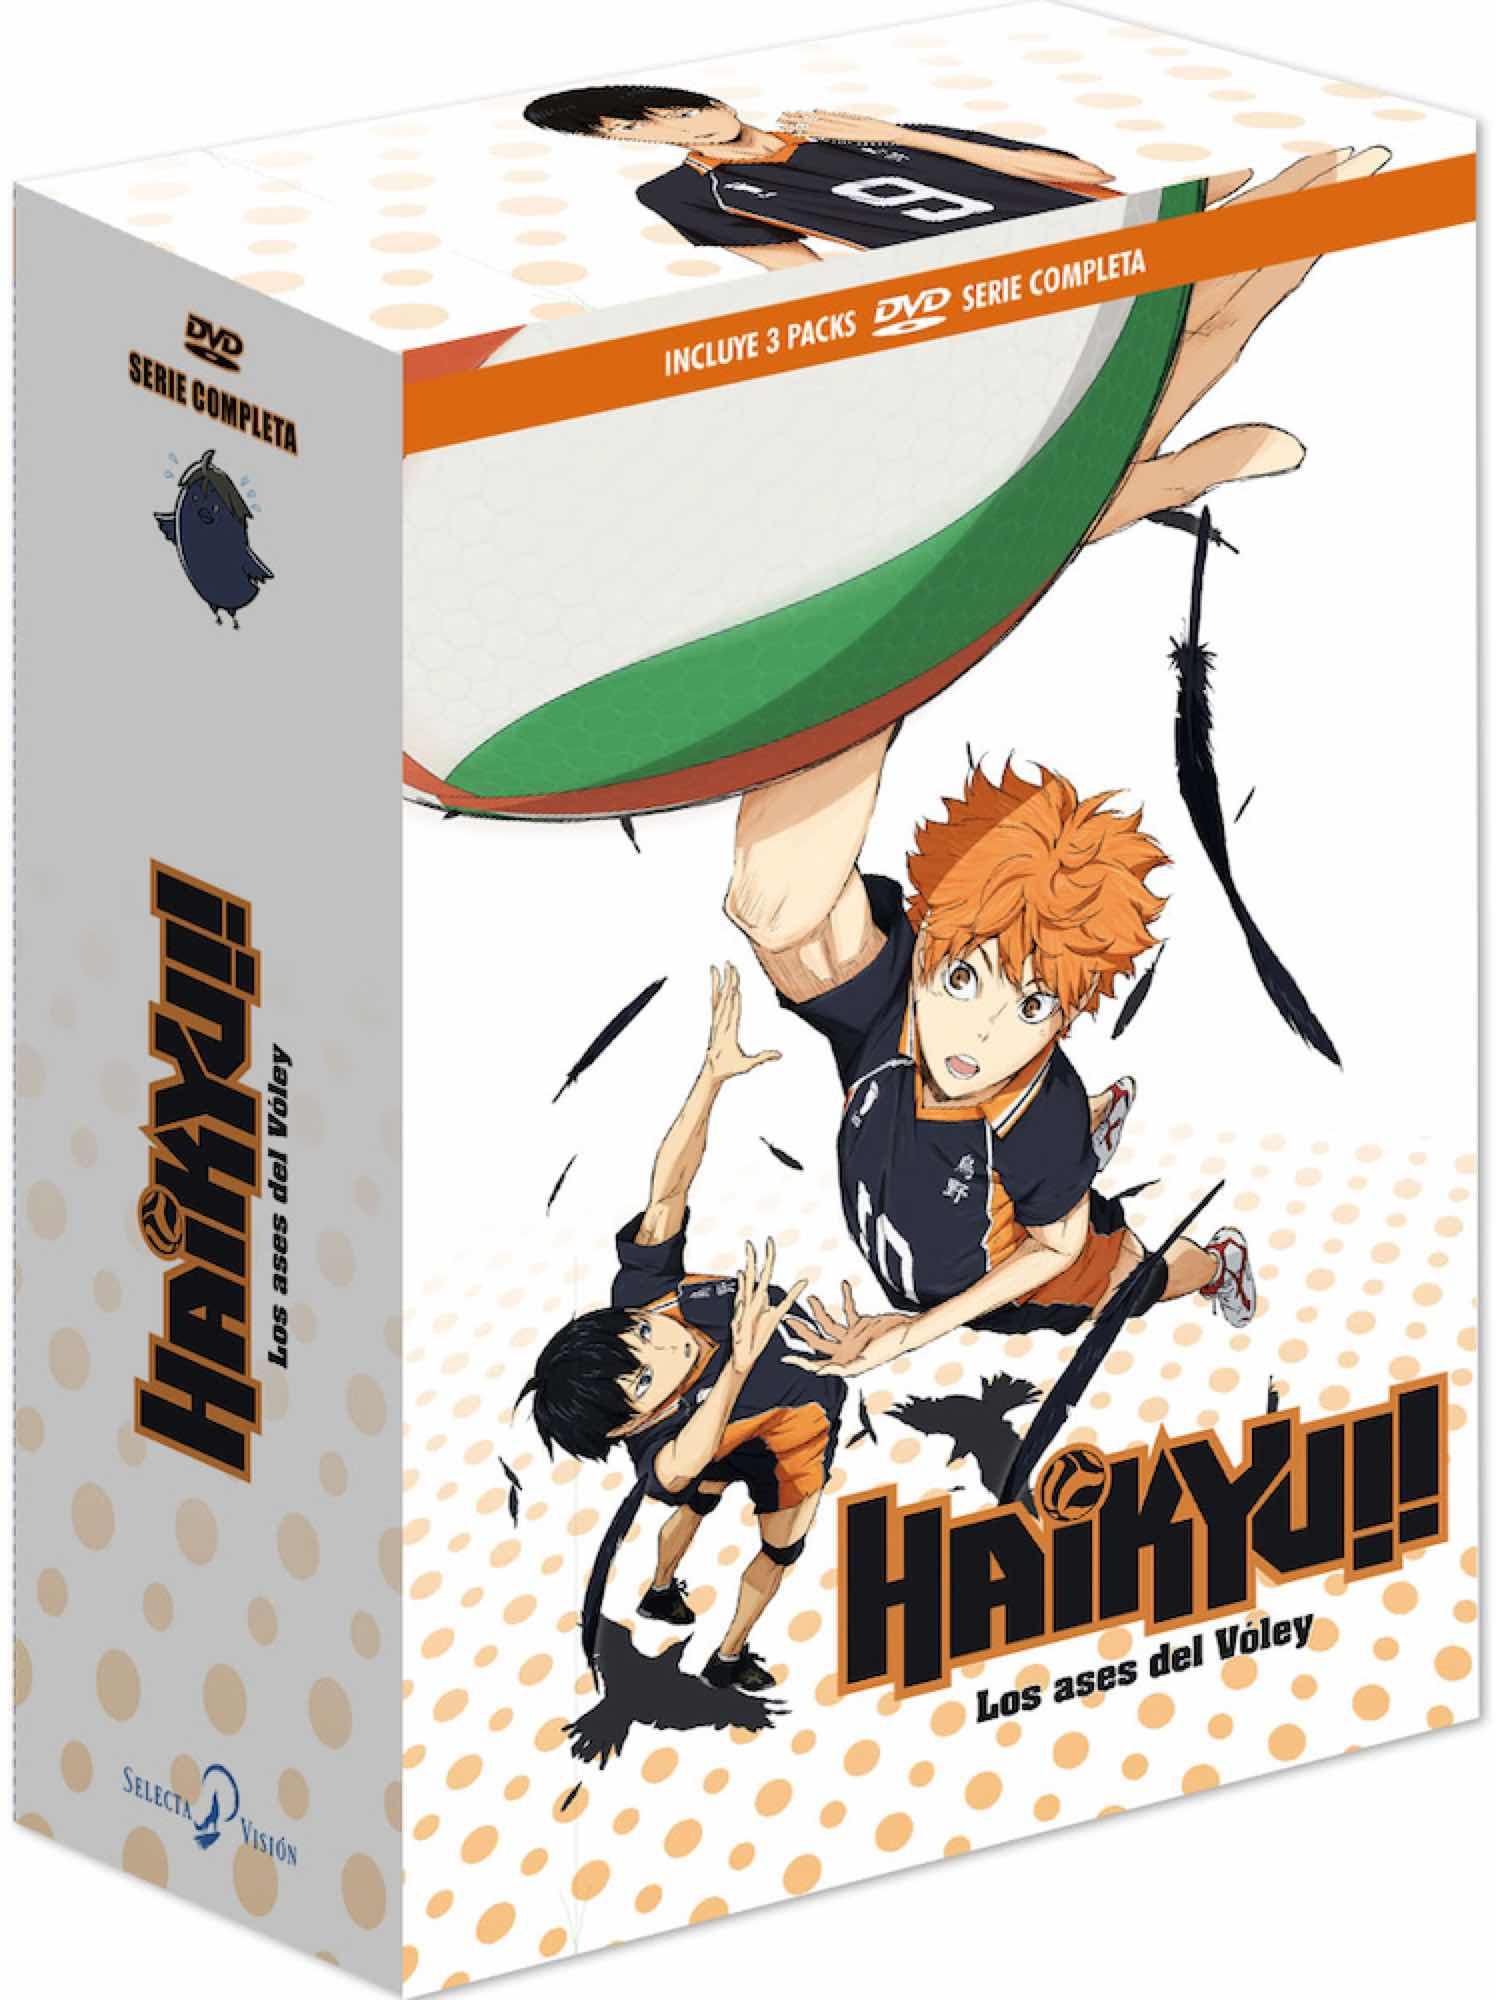 DVD HAIKYU! LOS ASES DEL VOLEY SERIE COMPLETA